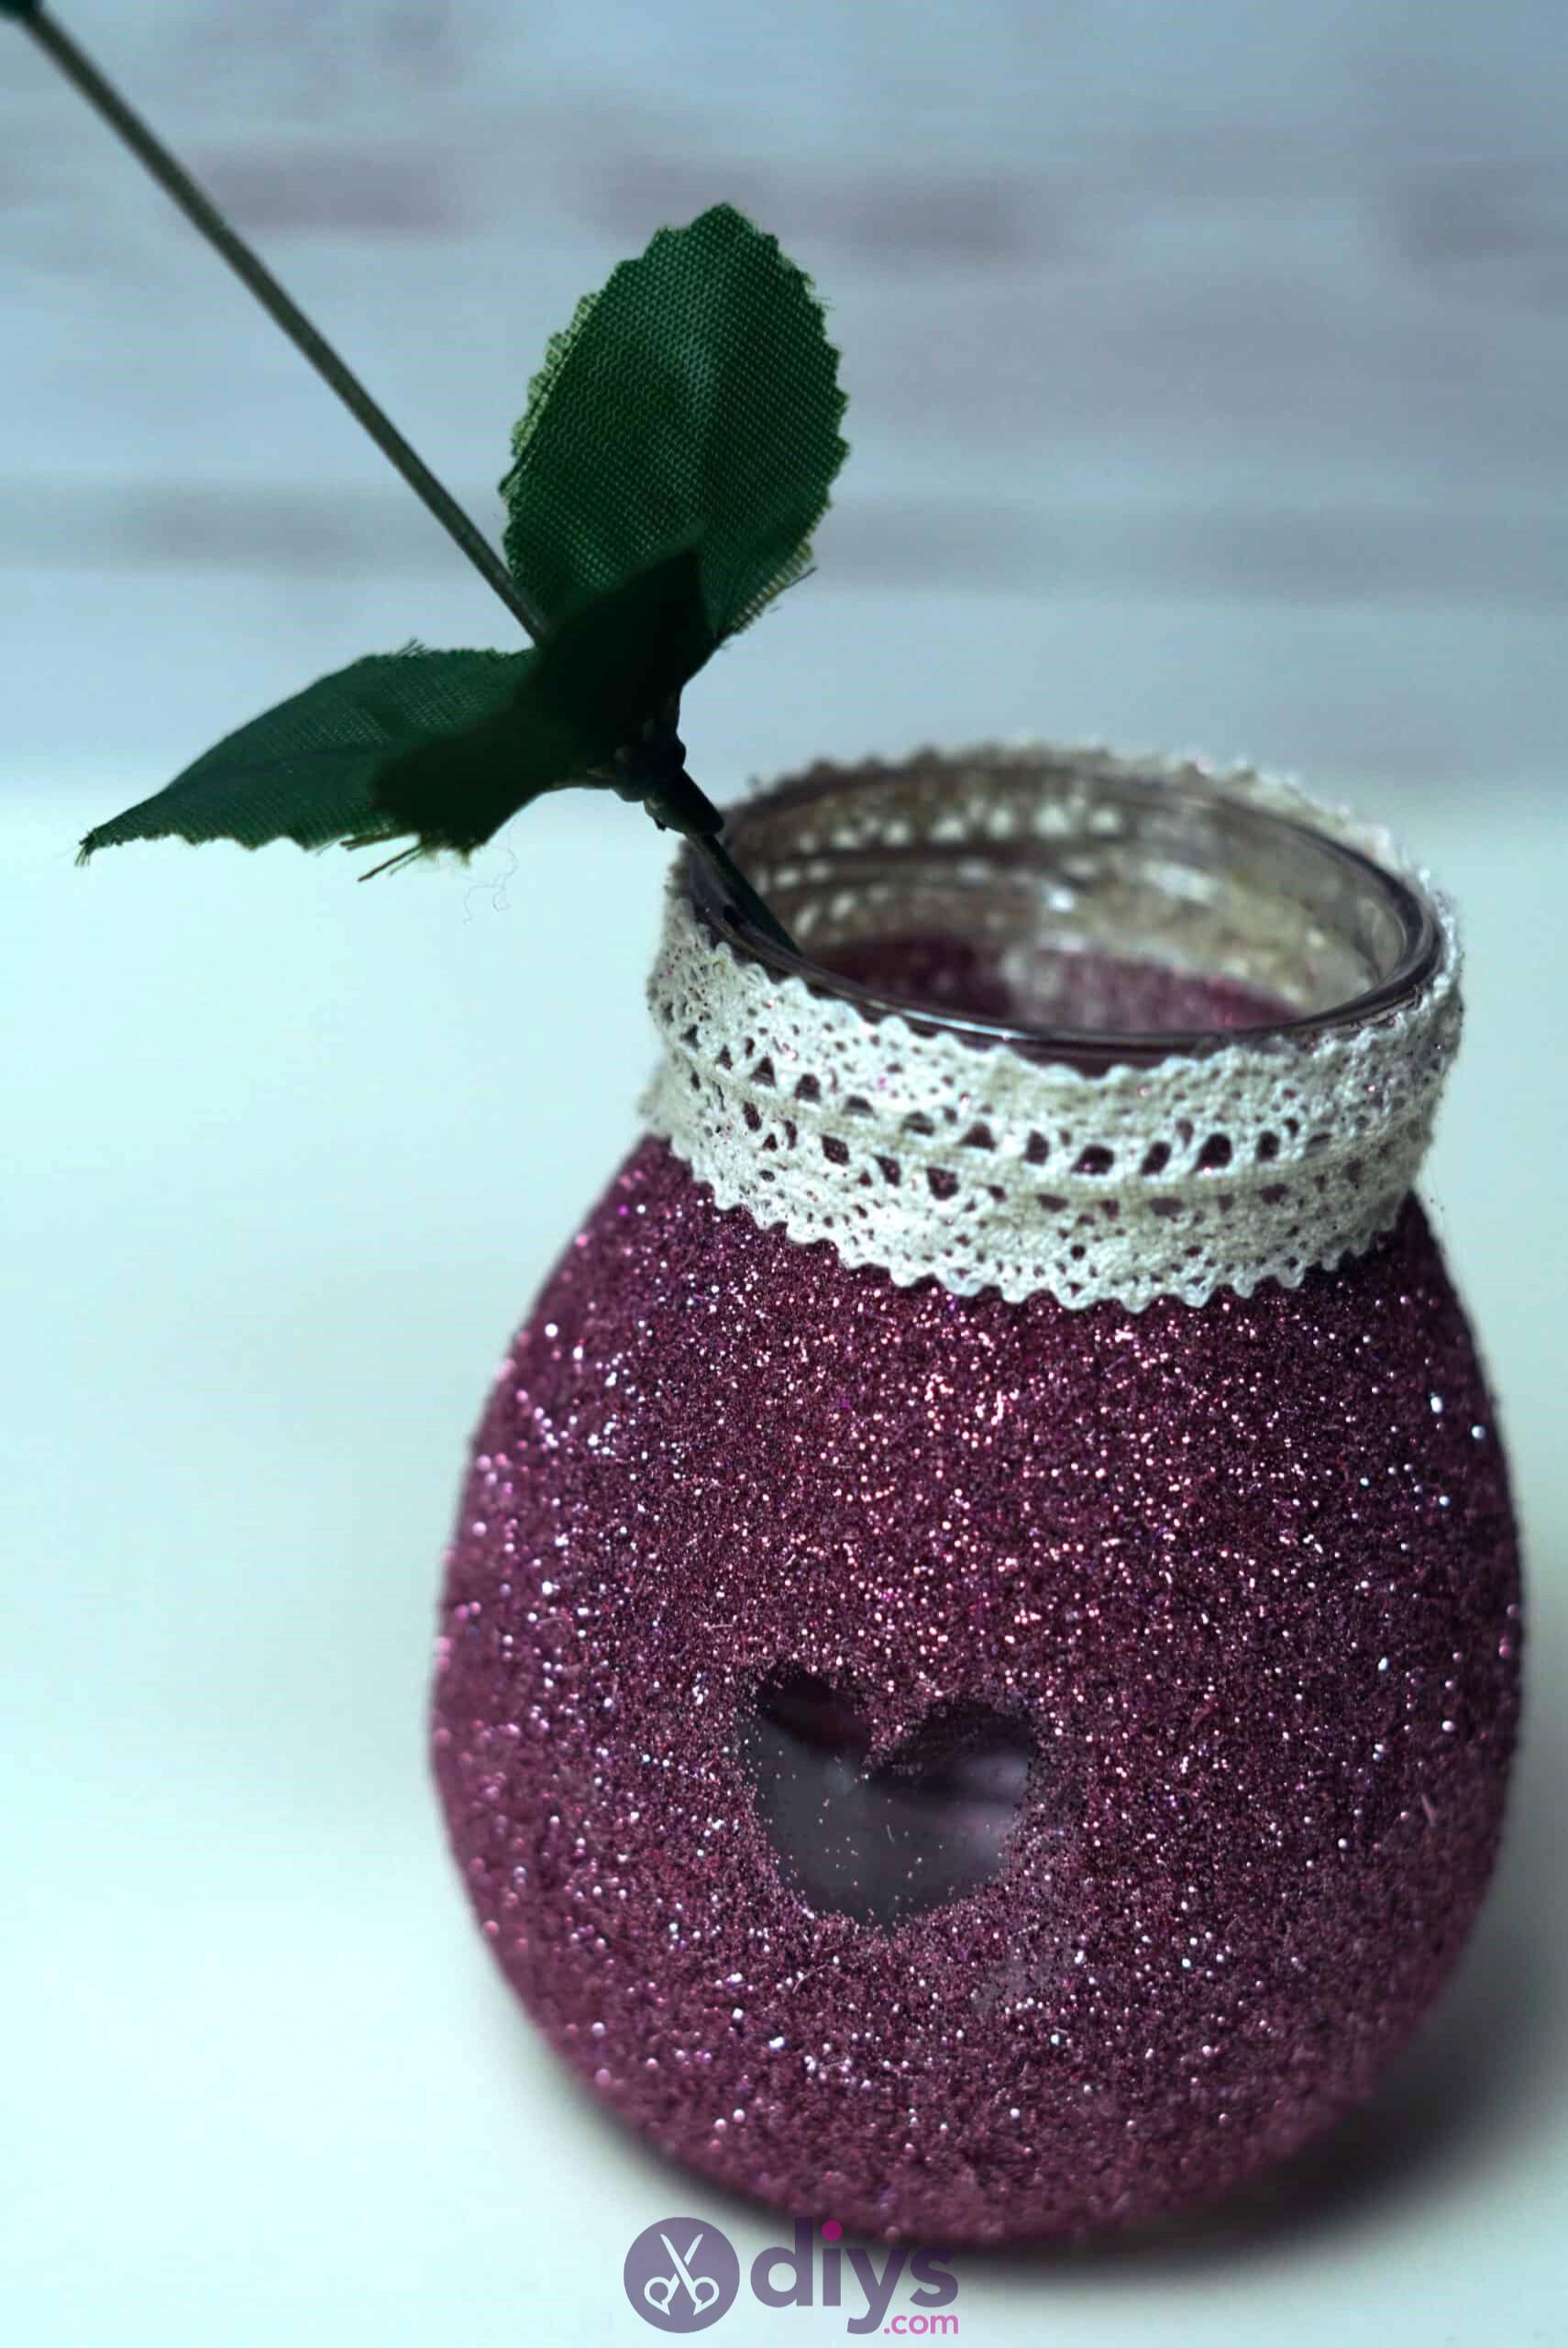 Diy flower glitter vase from glass jars simple